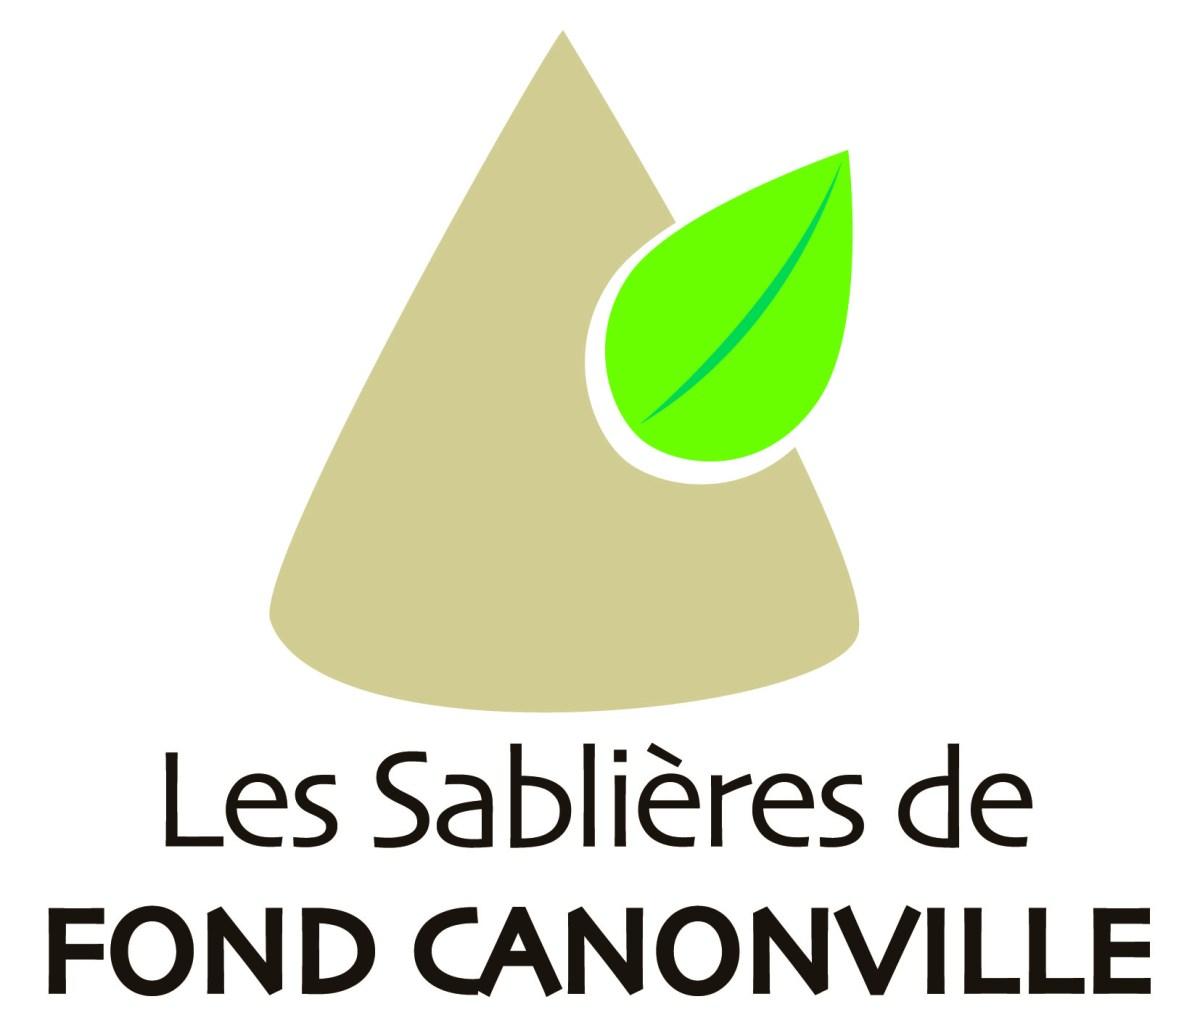 Dossier - Sablières de Fond Canonville : une carrière qui voit la vie en vert